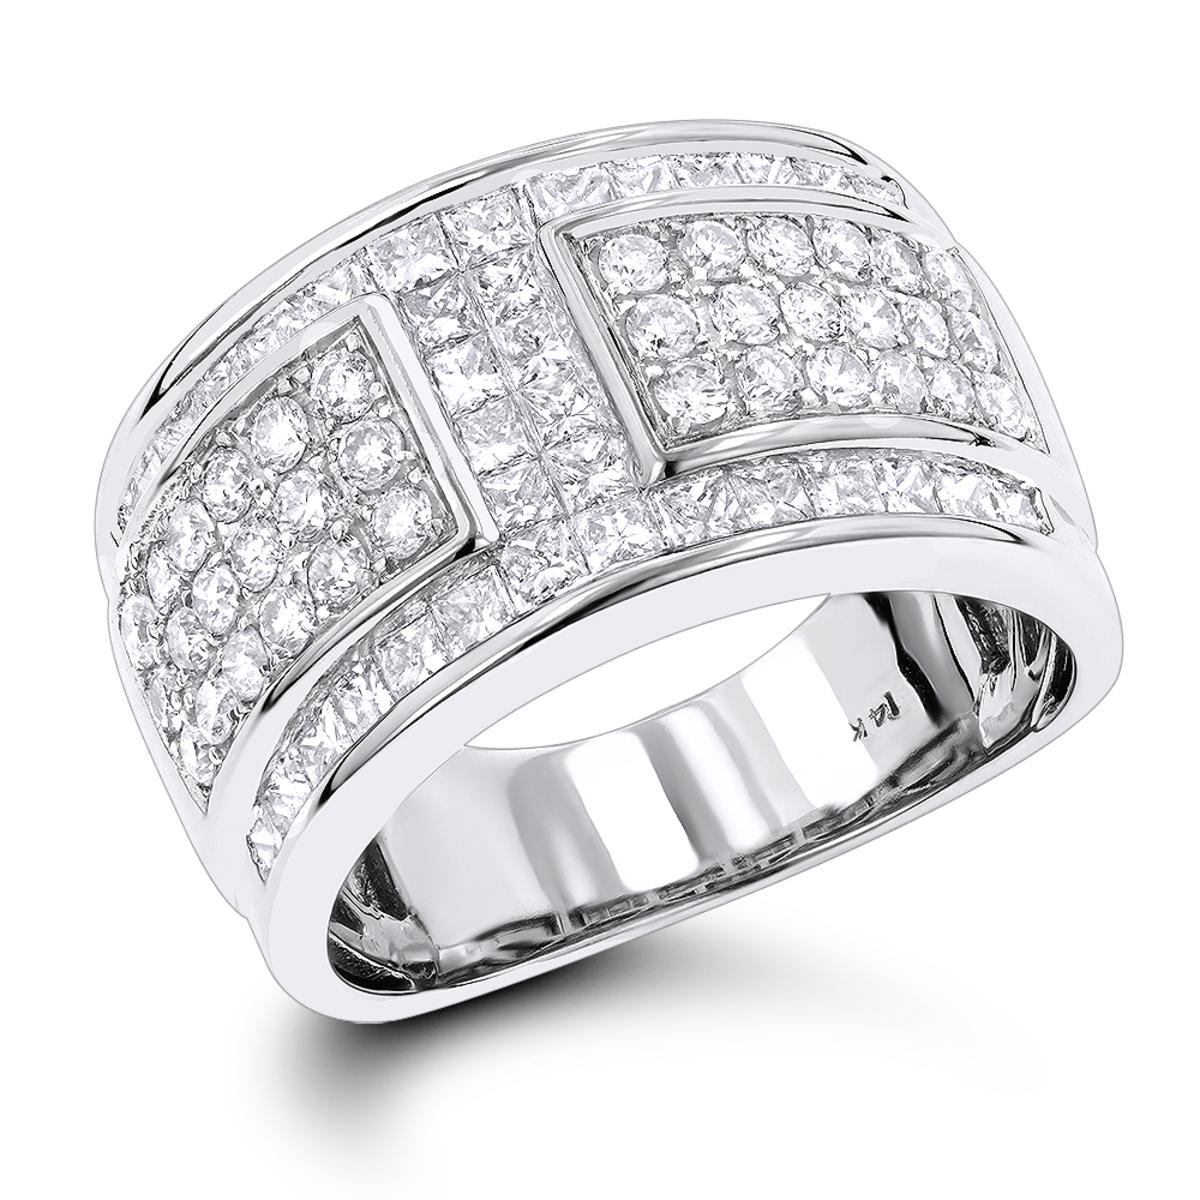 14K Gold Ladies Diamond Wedding Ring 2.75ct